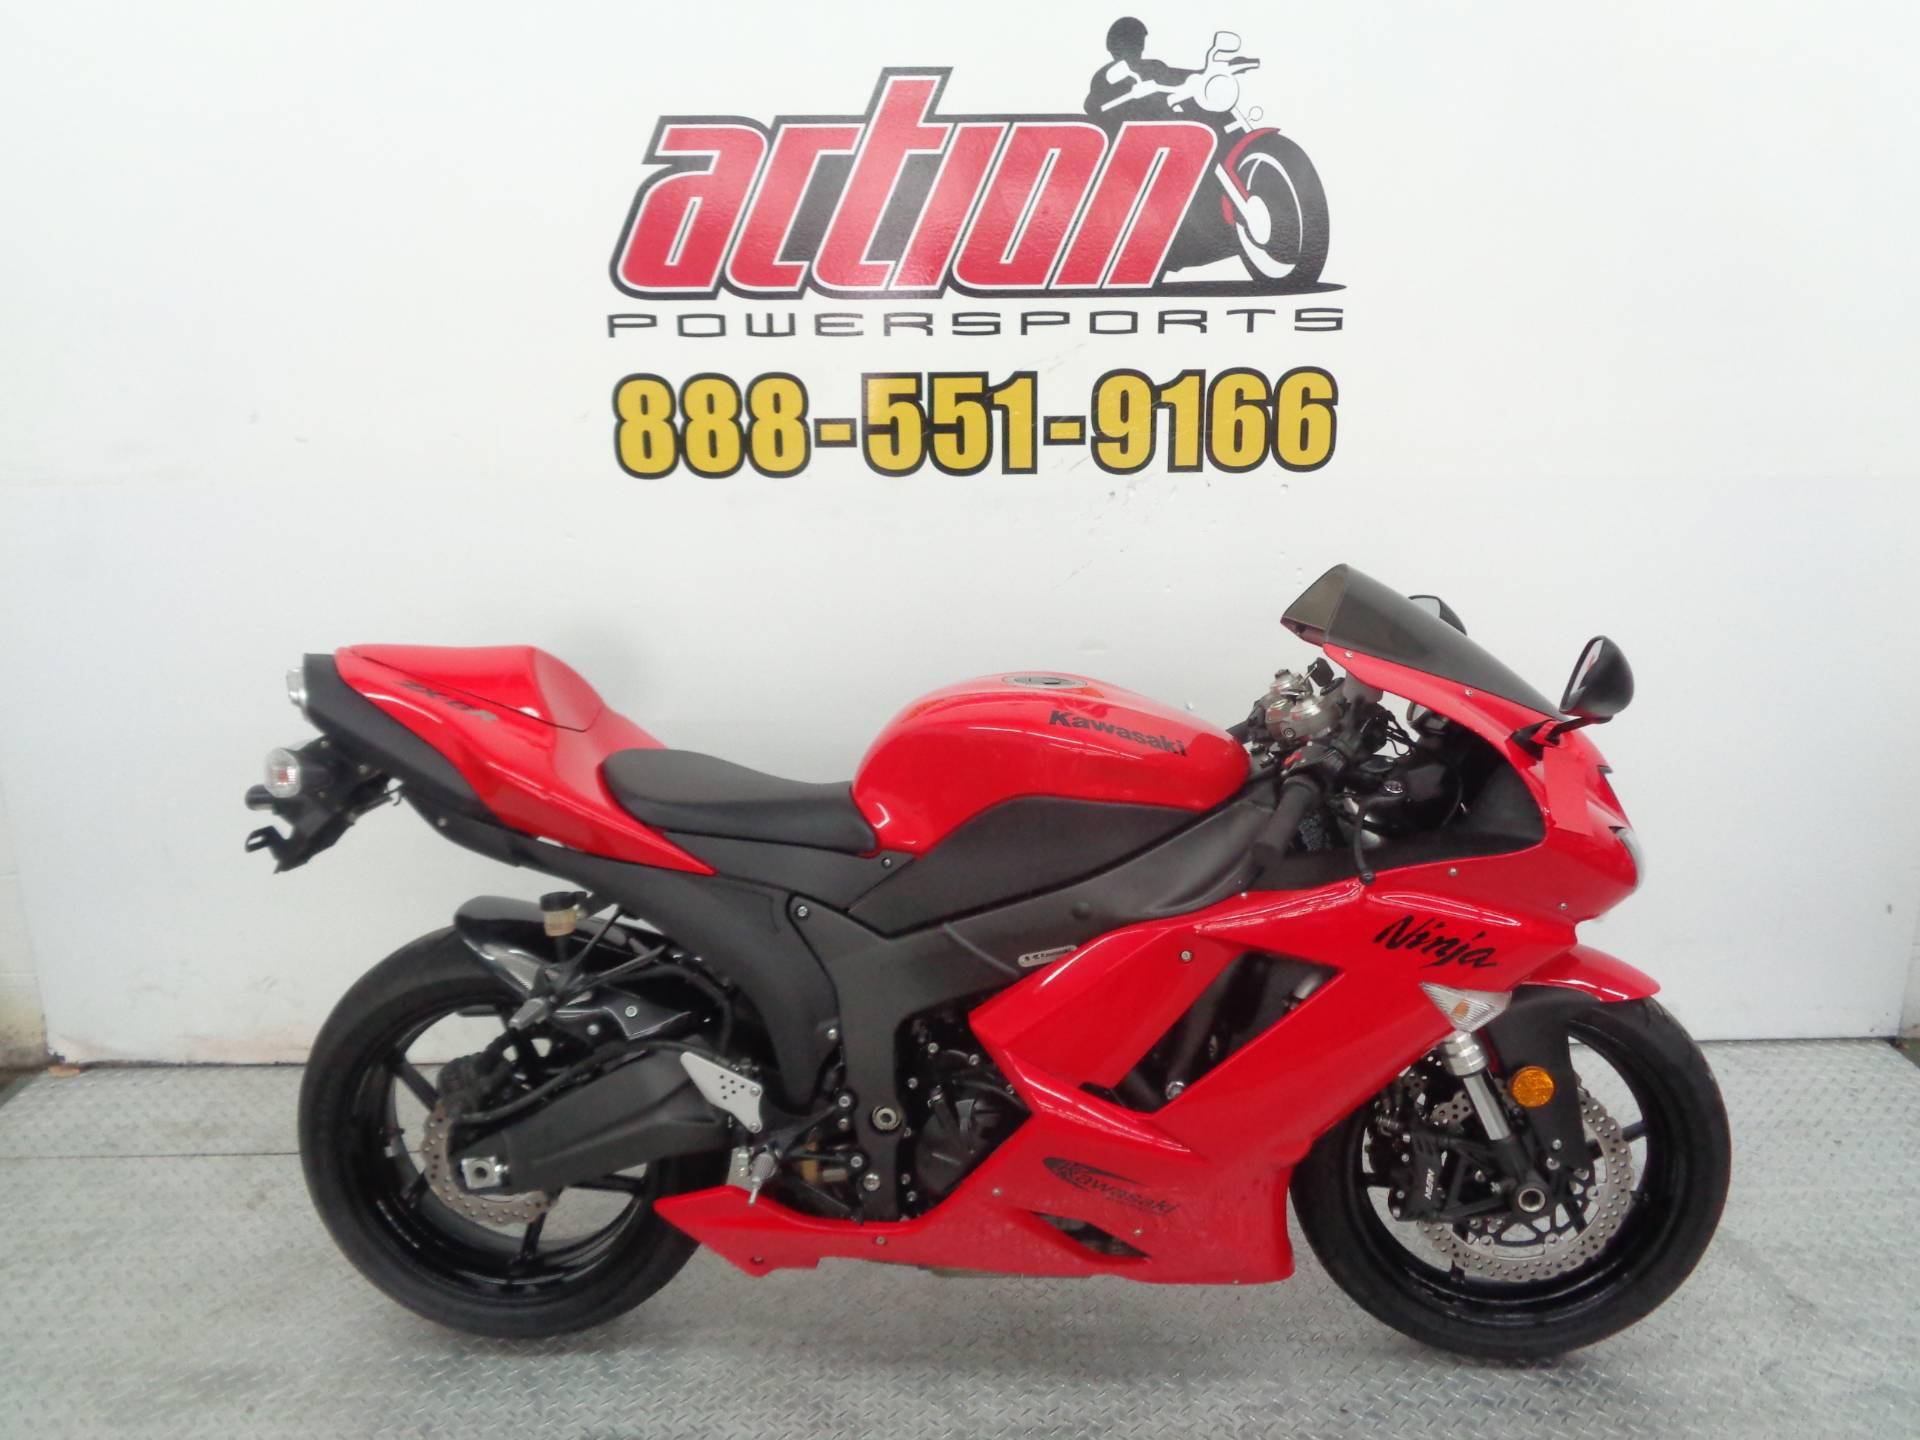 2007 Kawasaki Ninja Zx 6r For Sale Tulsa Ok 98358